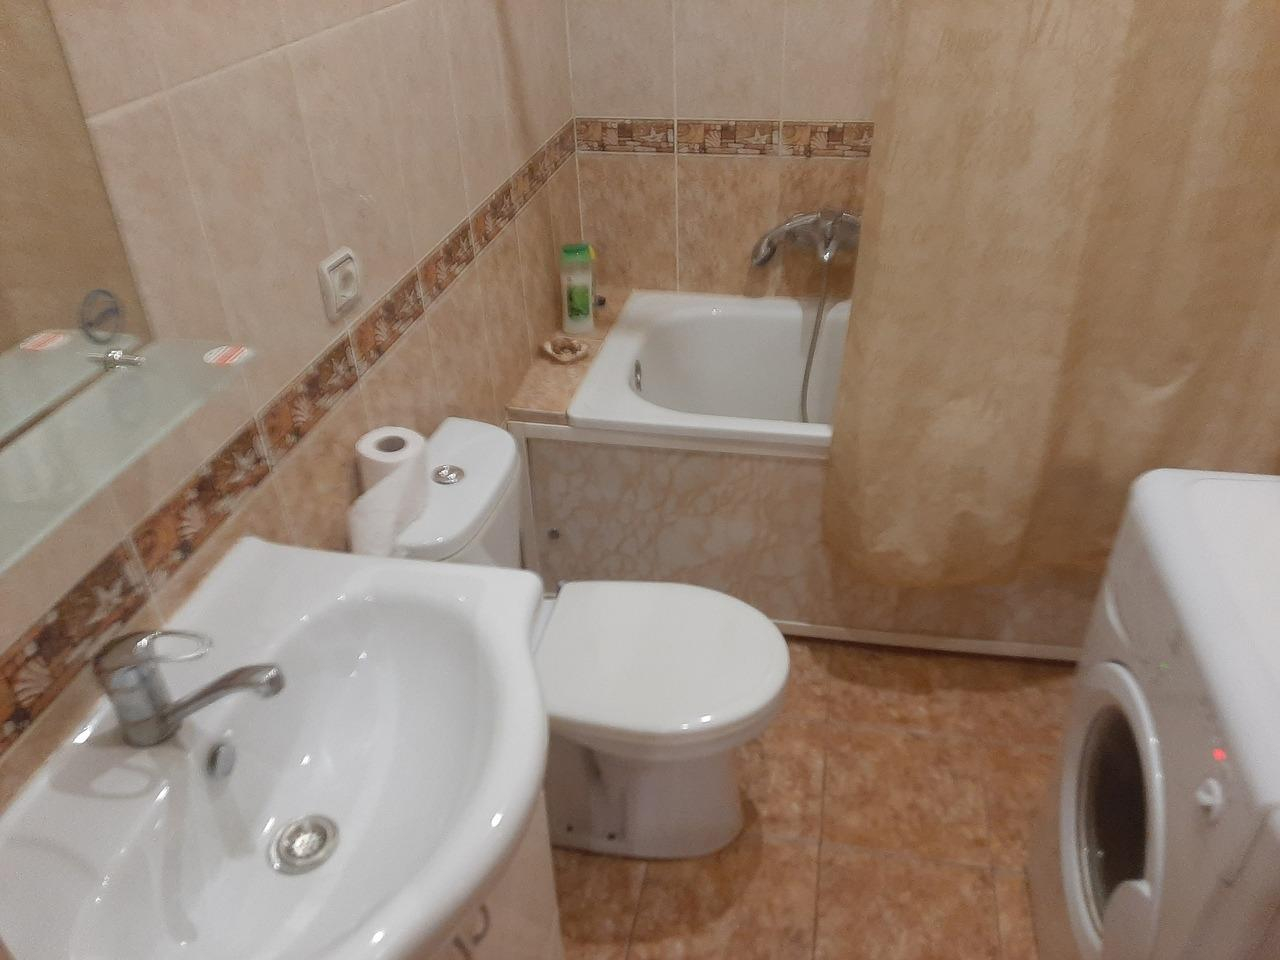 1к квартира улица Батурина, 30 к1 | 14500 | аренда в Красноярске фото 2